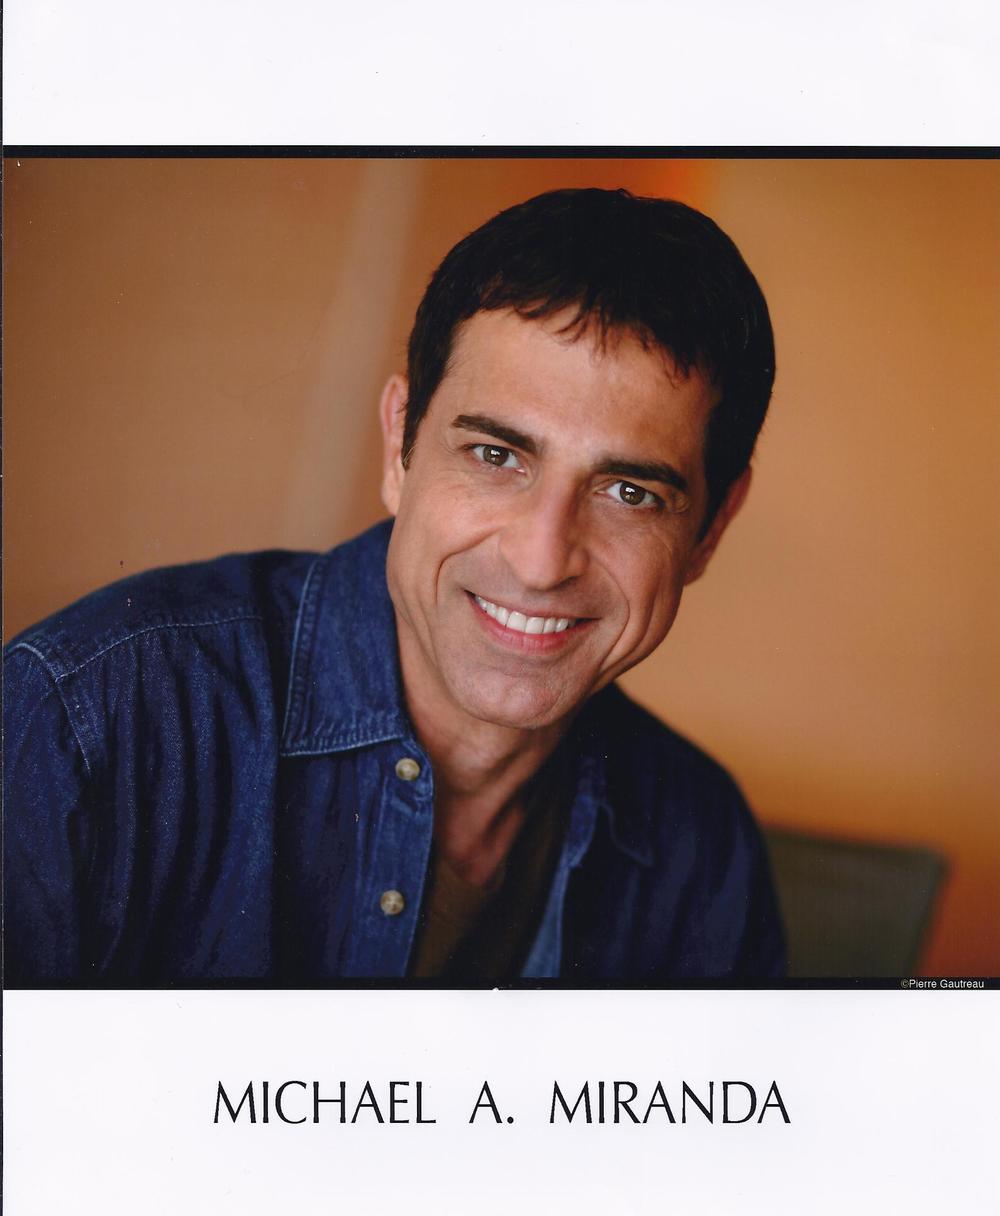 Michael Miranda